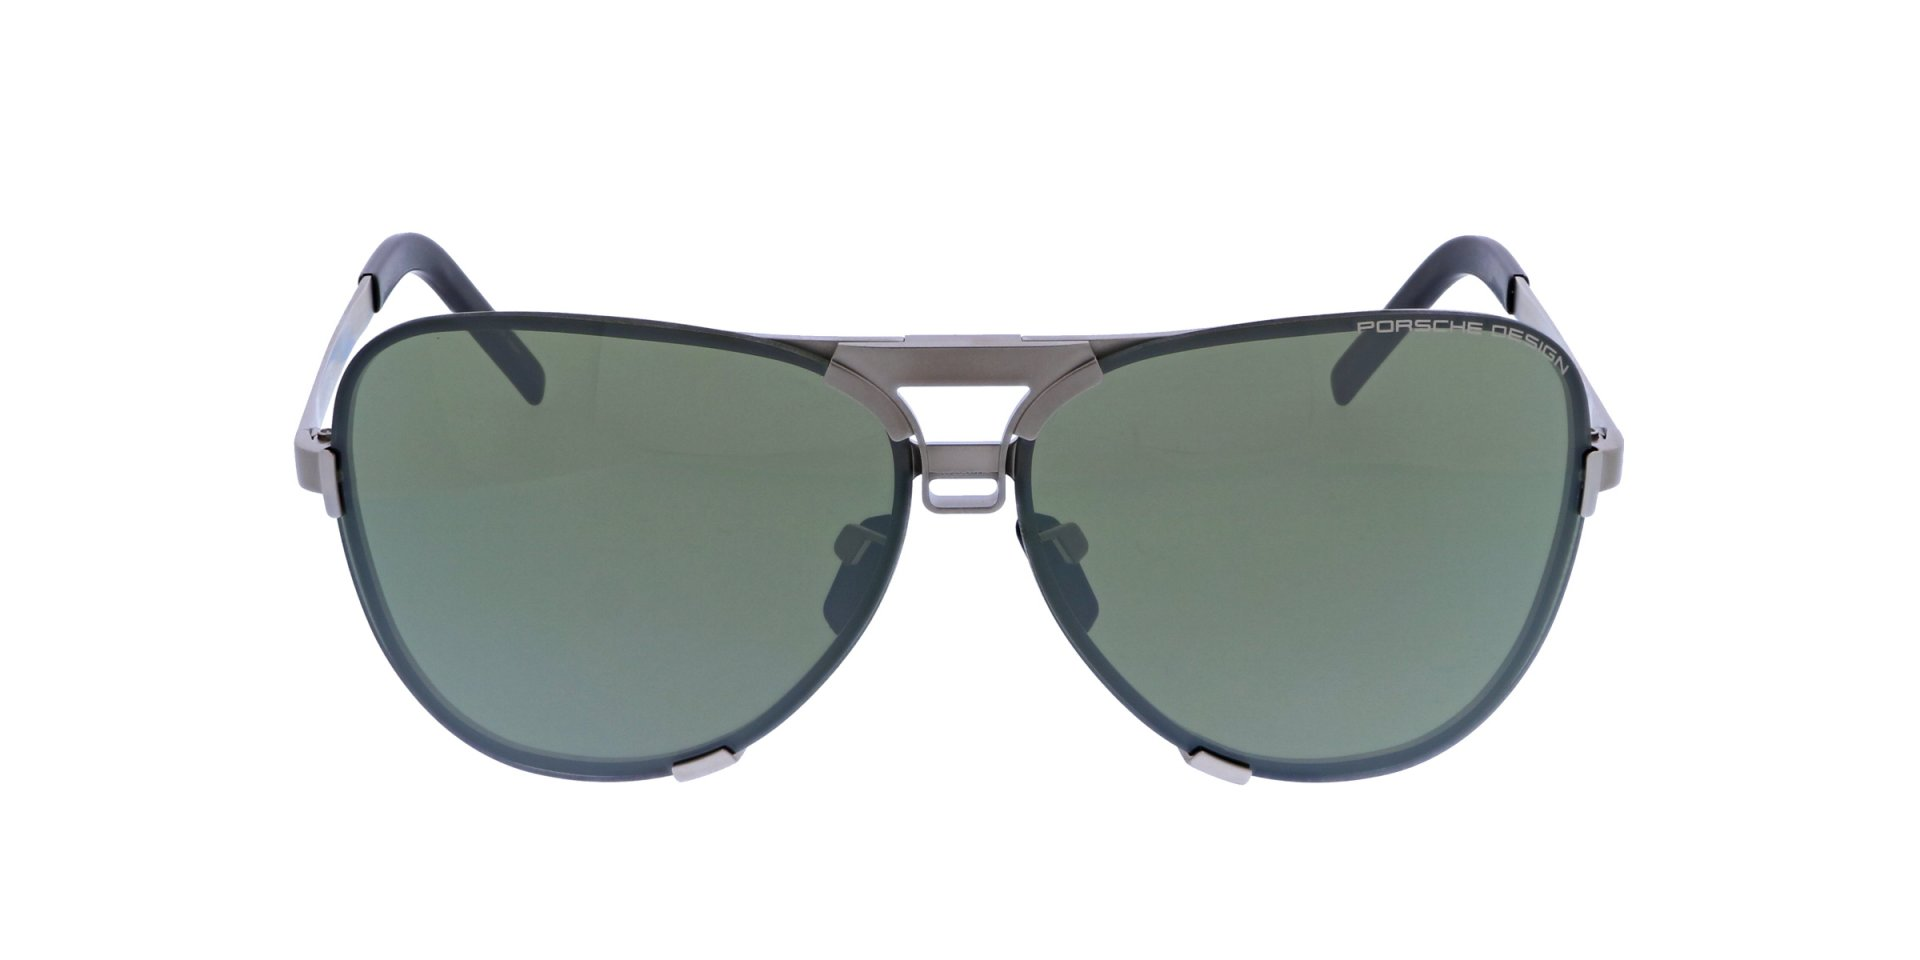 770b4f7ad1db Sunglasses PORSCHE DESIGN